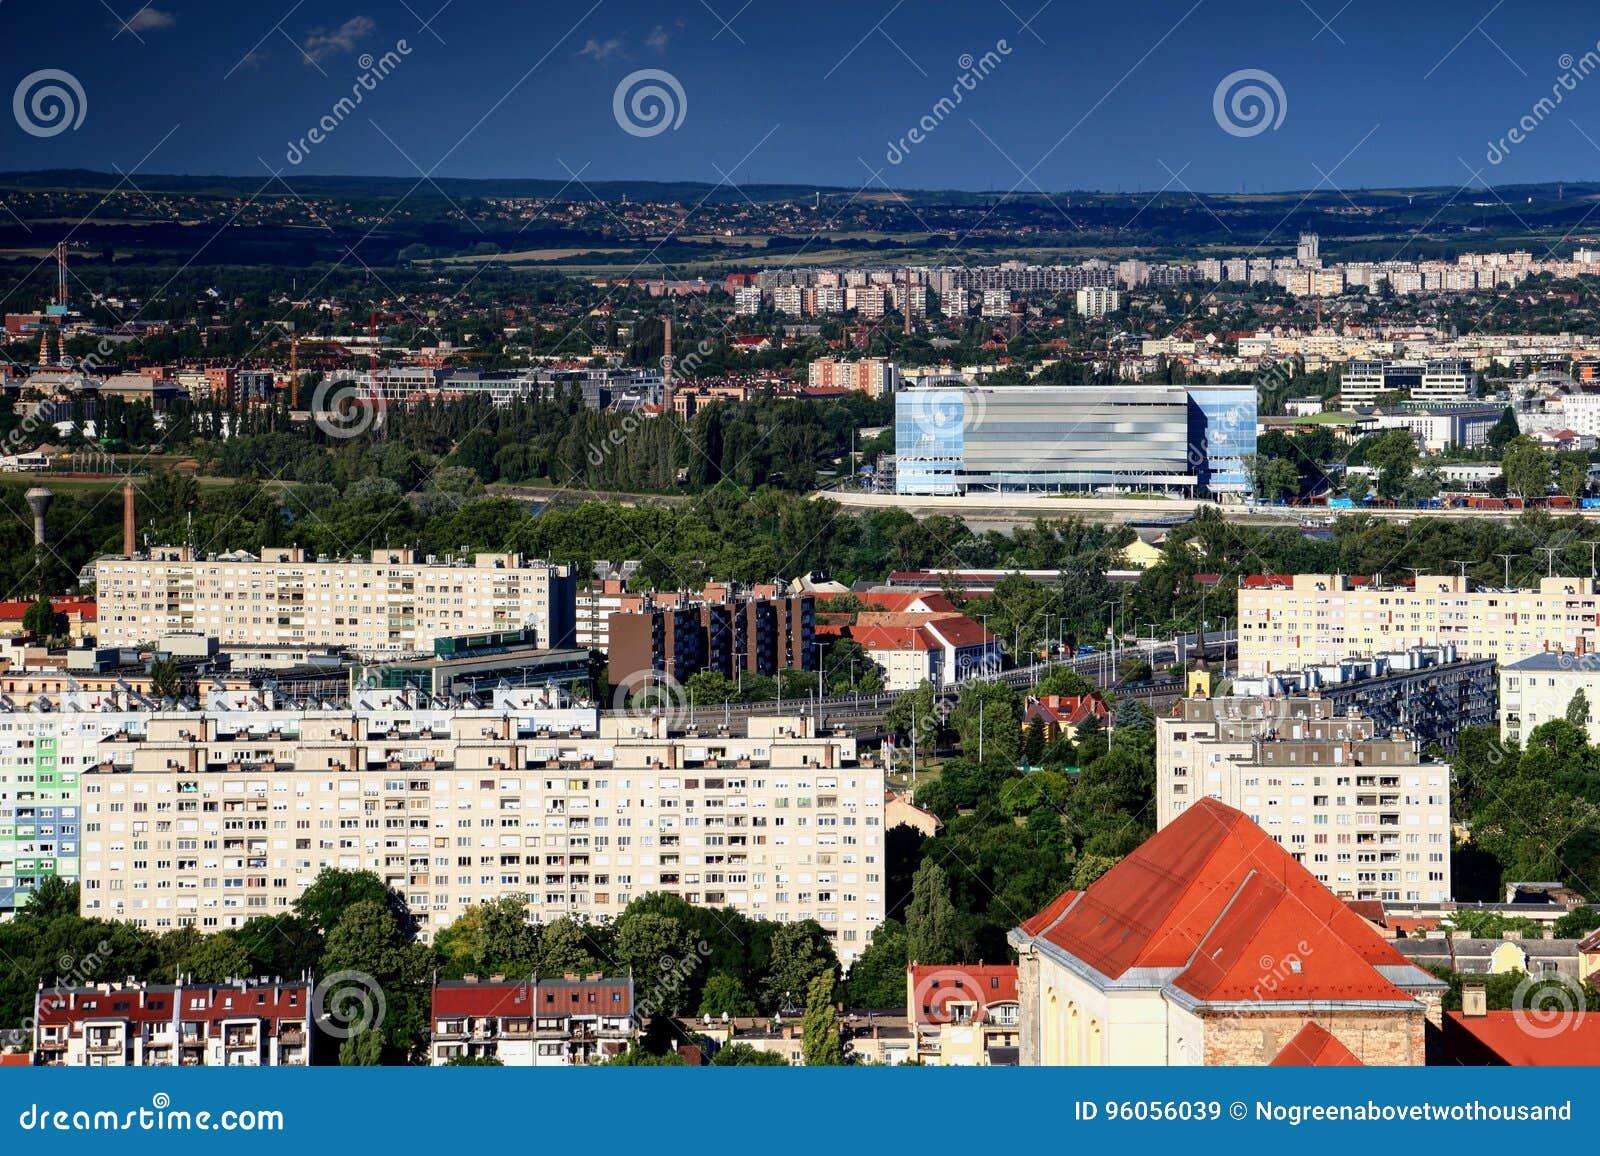 Immeuble de Budapest avec le lieu de rendez-vous pour FINA Championships 2017